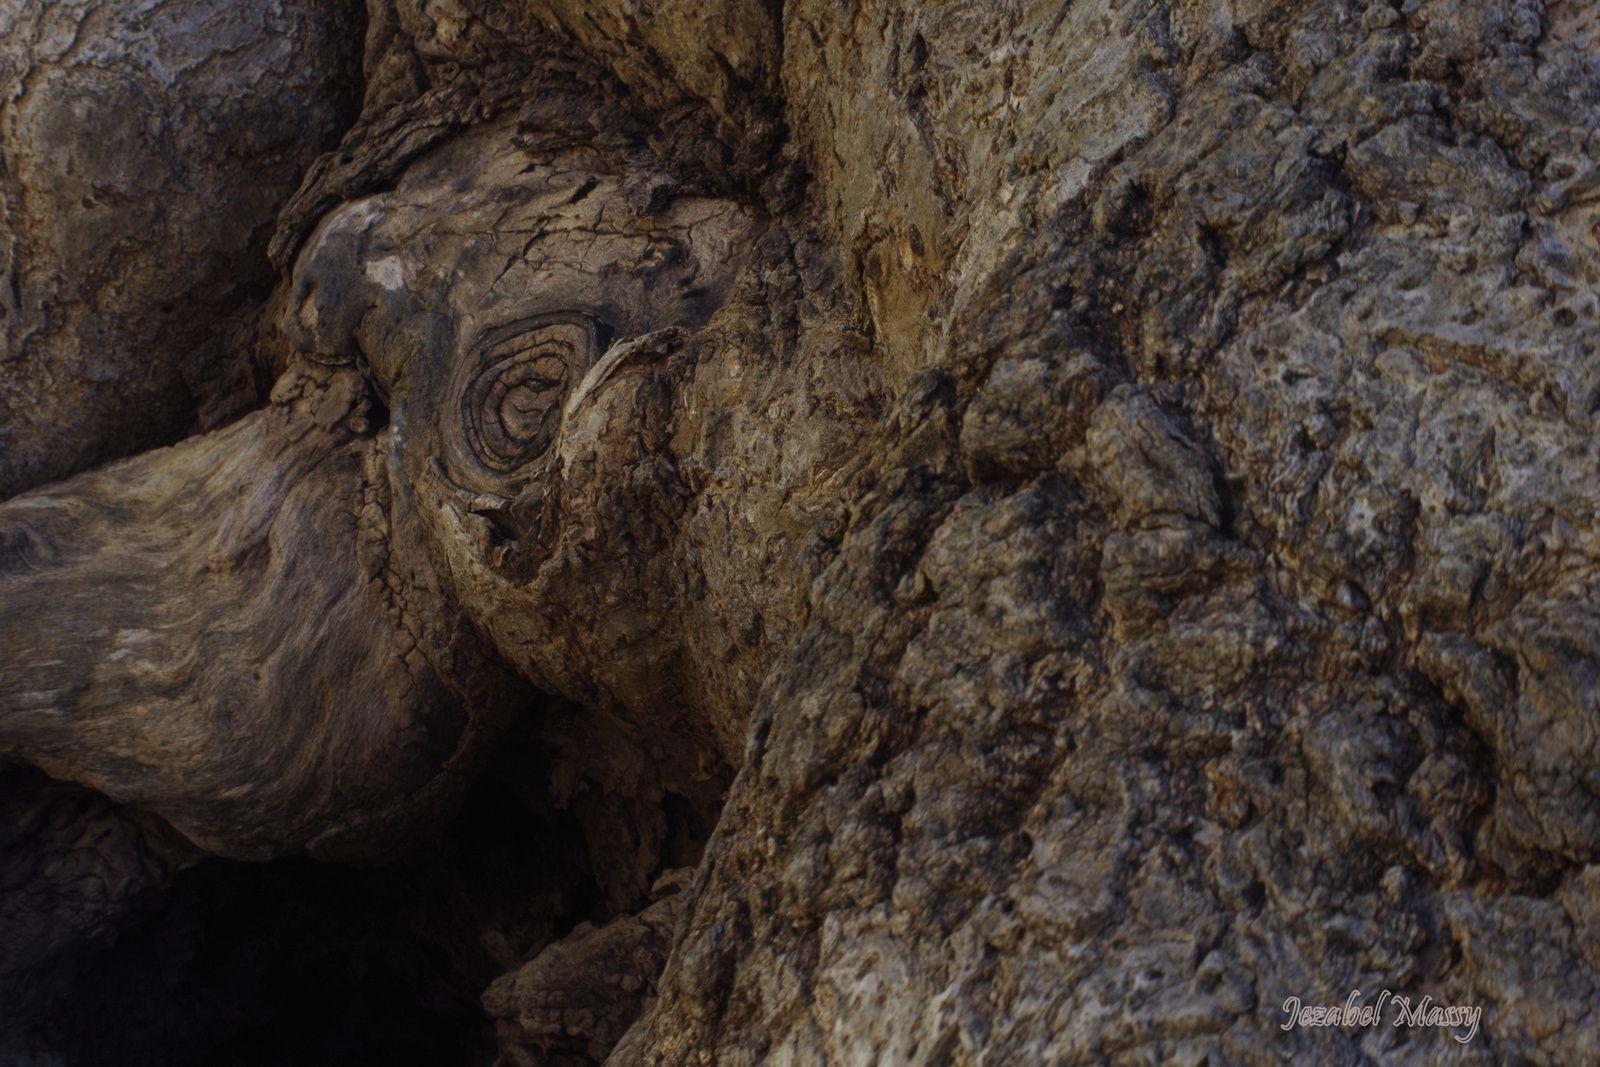 L'oeil de la seiche  sur la tête est cerné ! La moitié de la partie avant (ses tentacules) est dissimulée dans l'océan (coupé par l'ar bre)